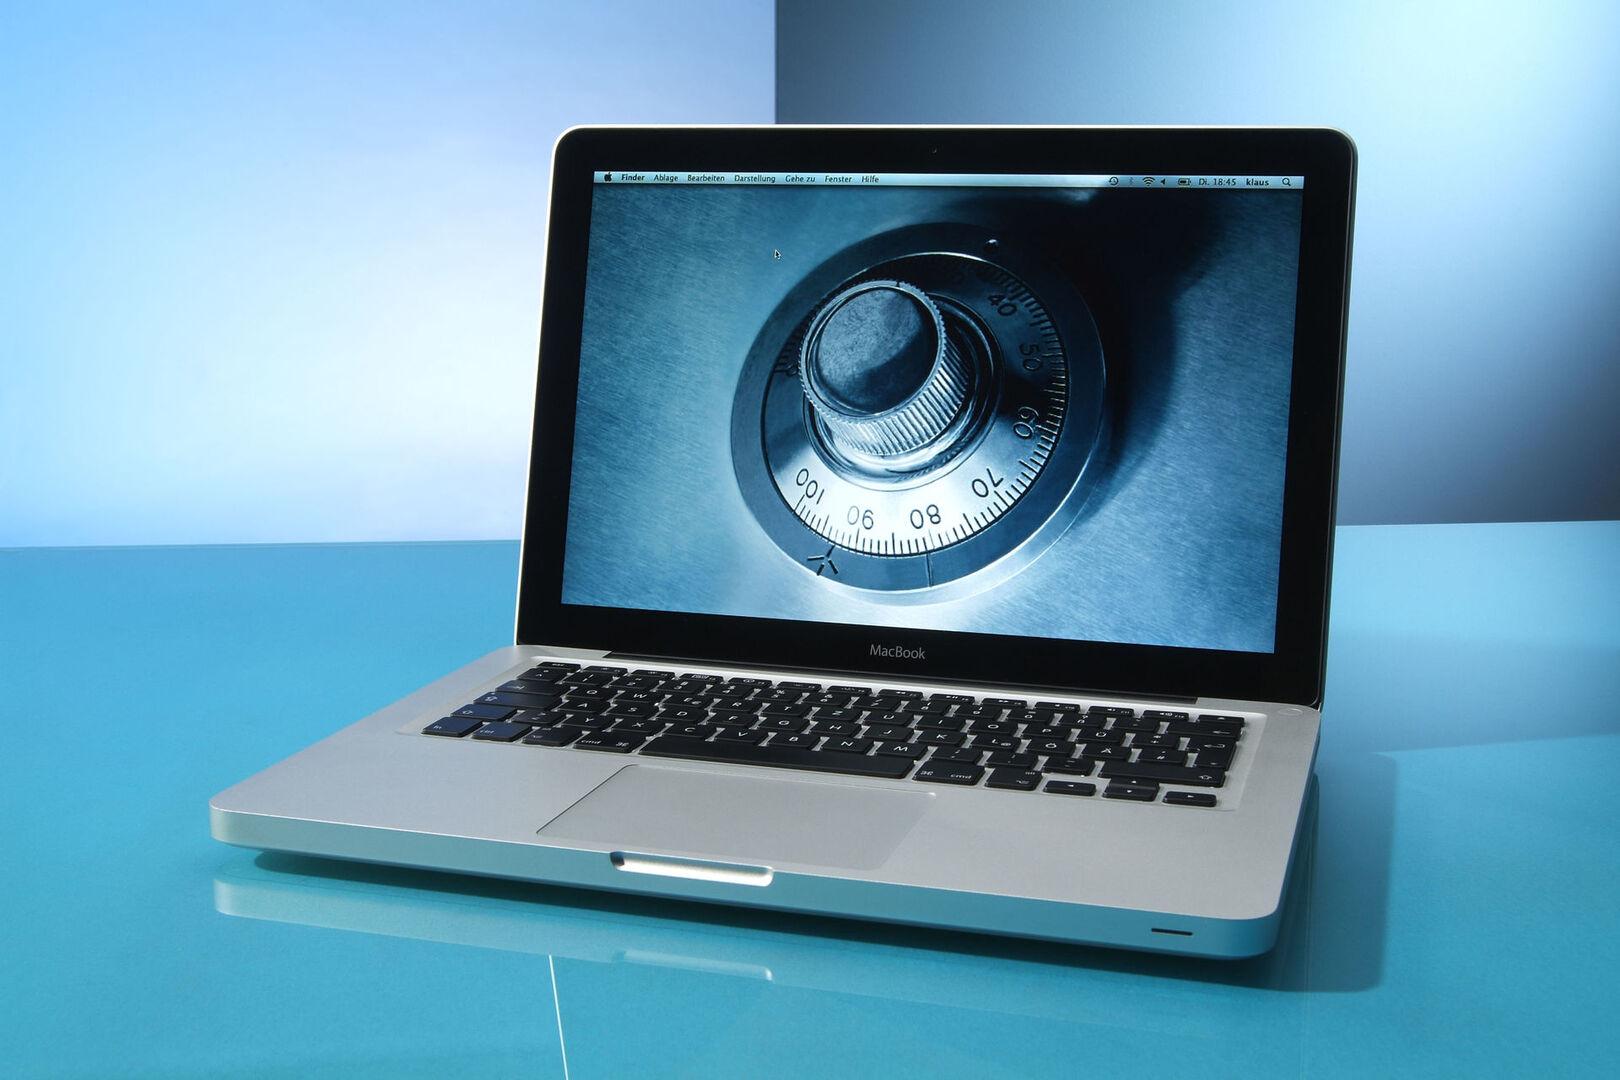 как защитить свои фото в интернете делаю